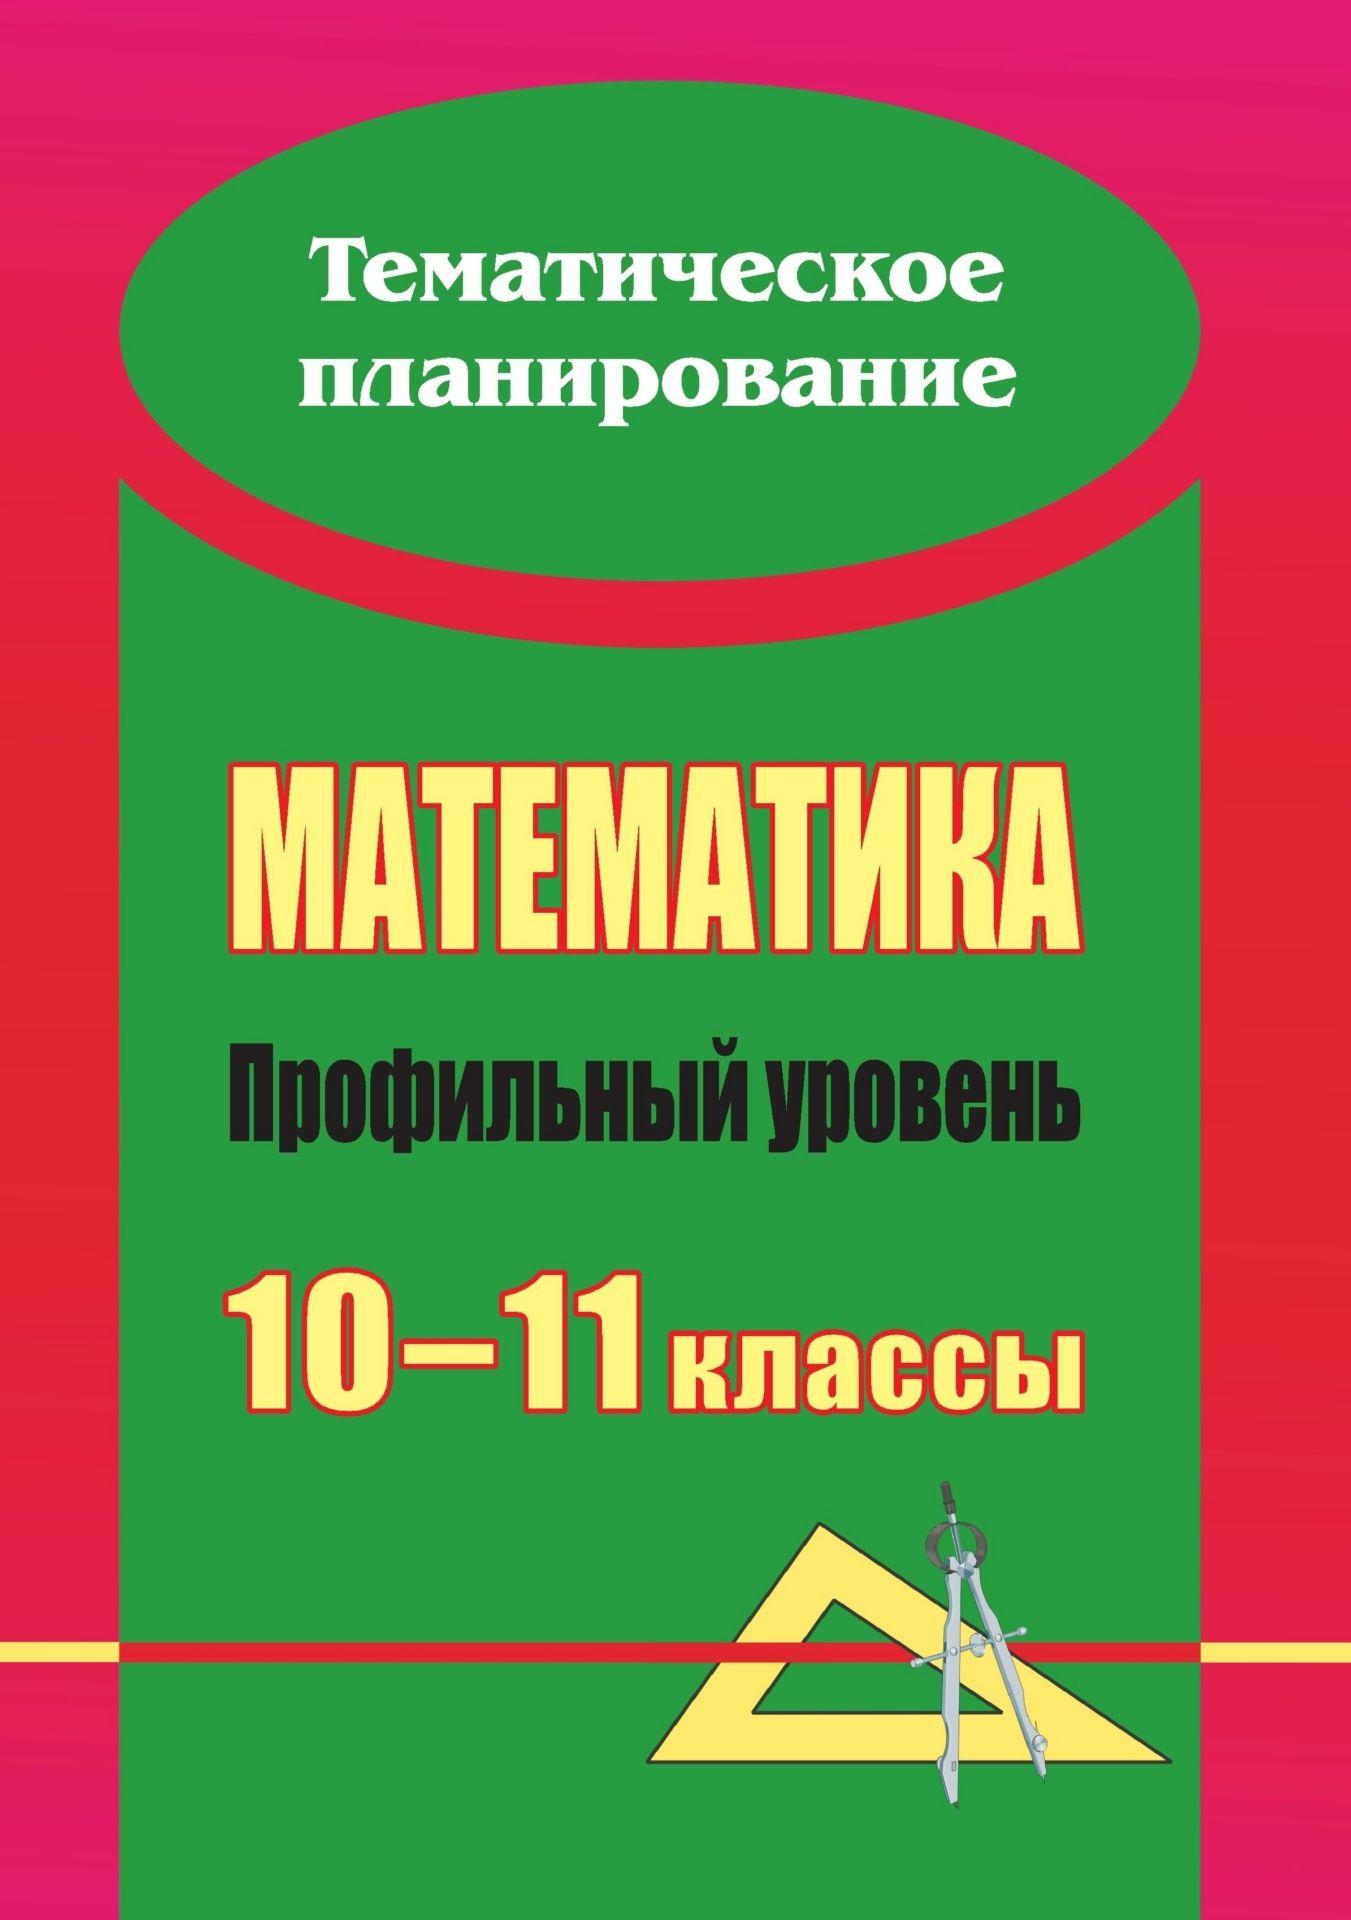 Математика. 10-11 классы: развернутое тематическое планирование: профильный уровень